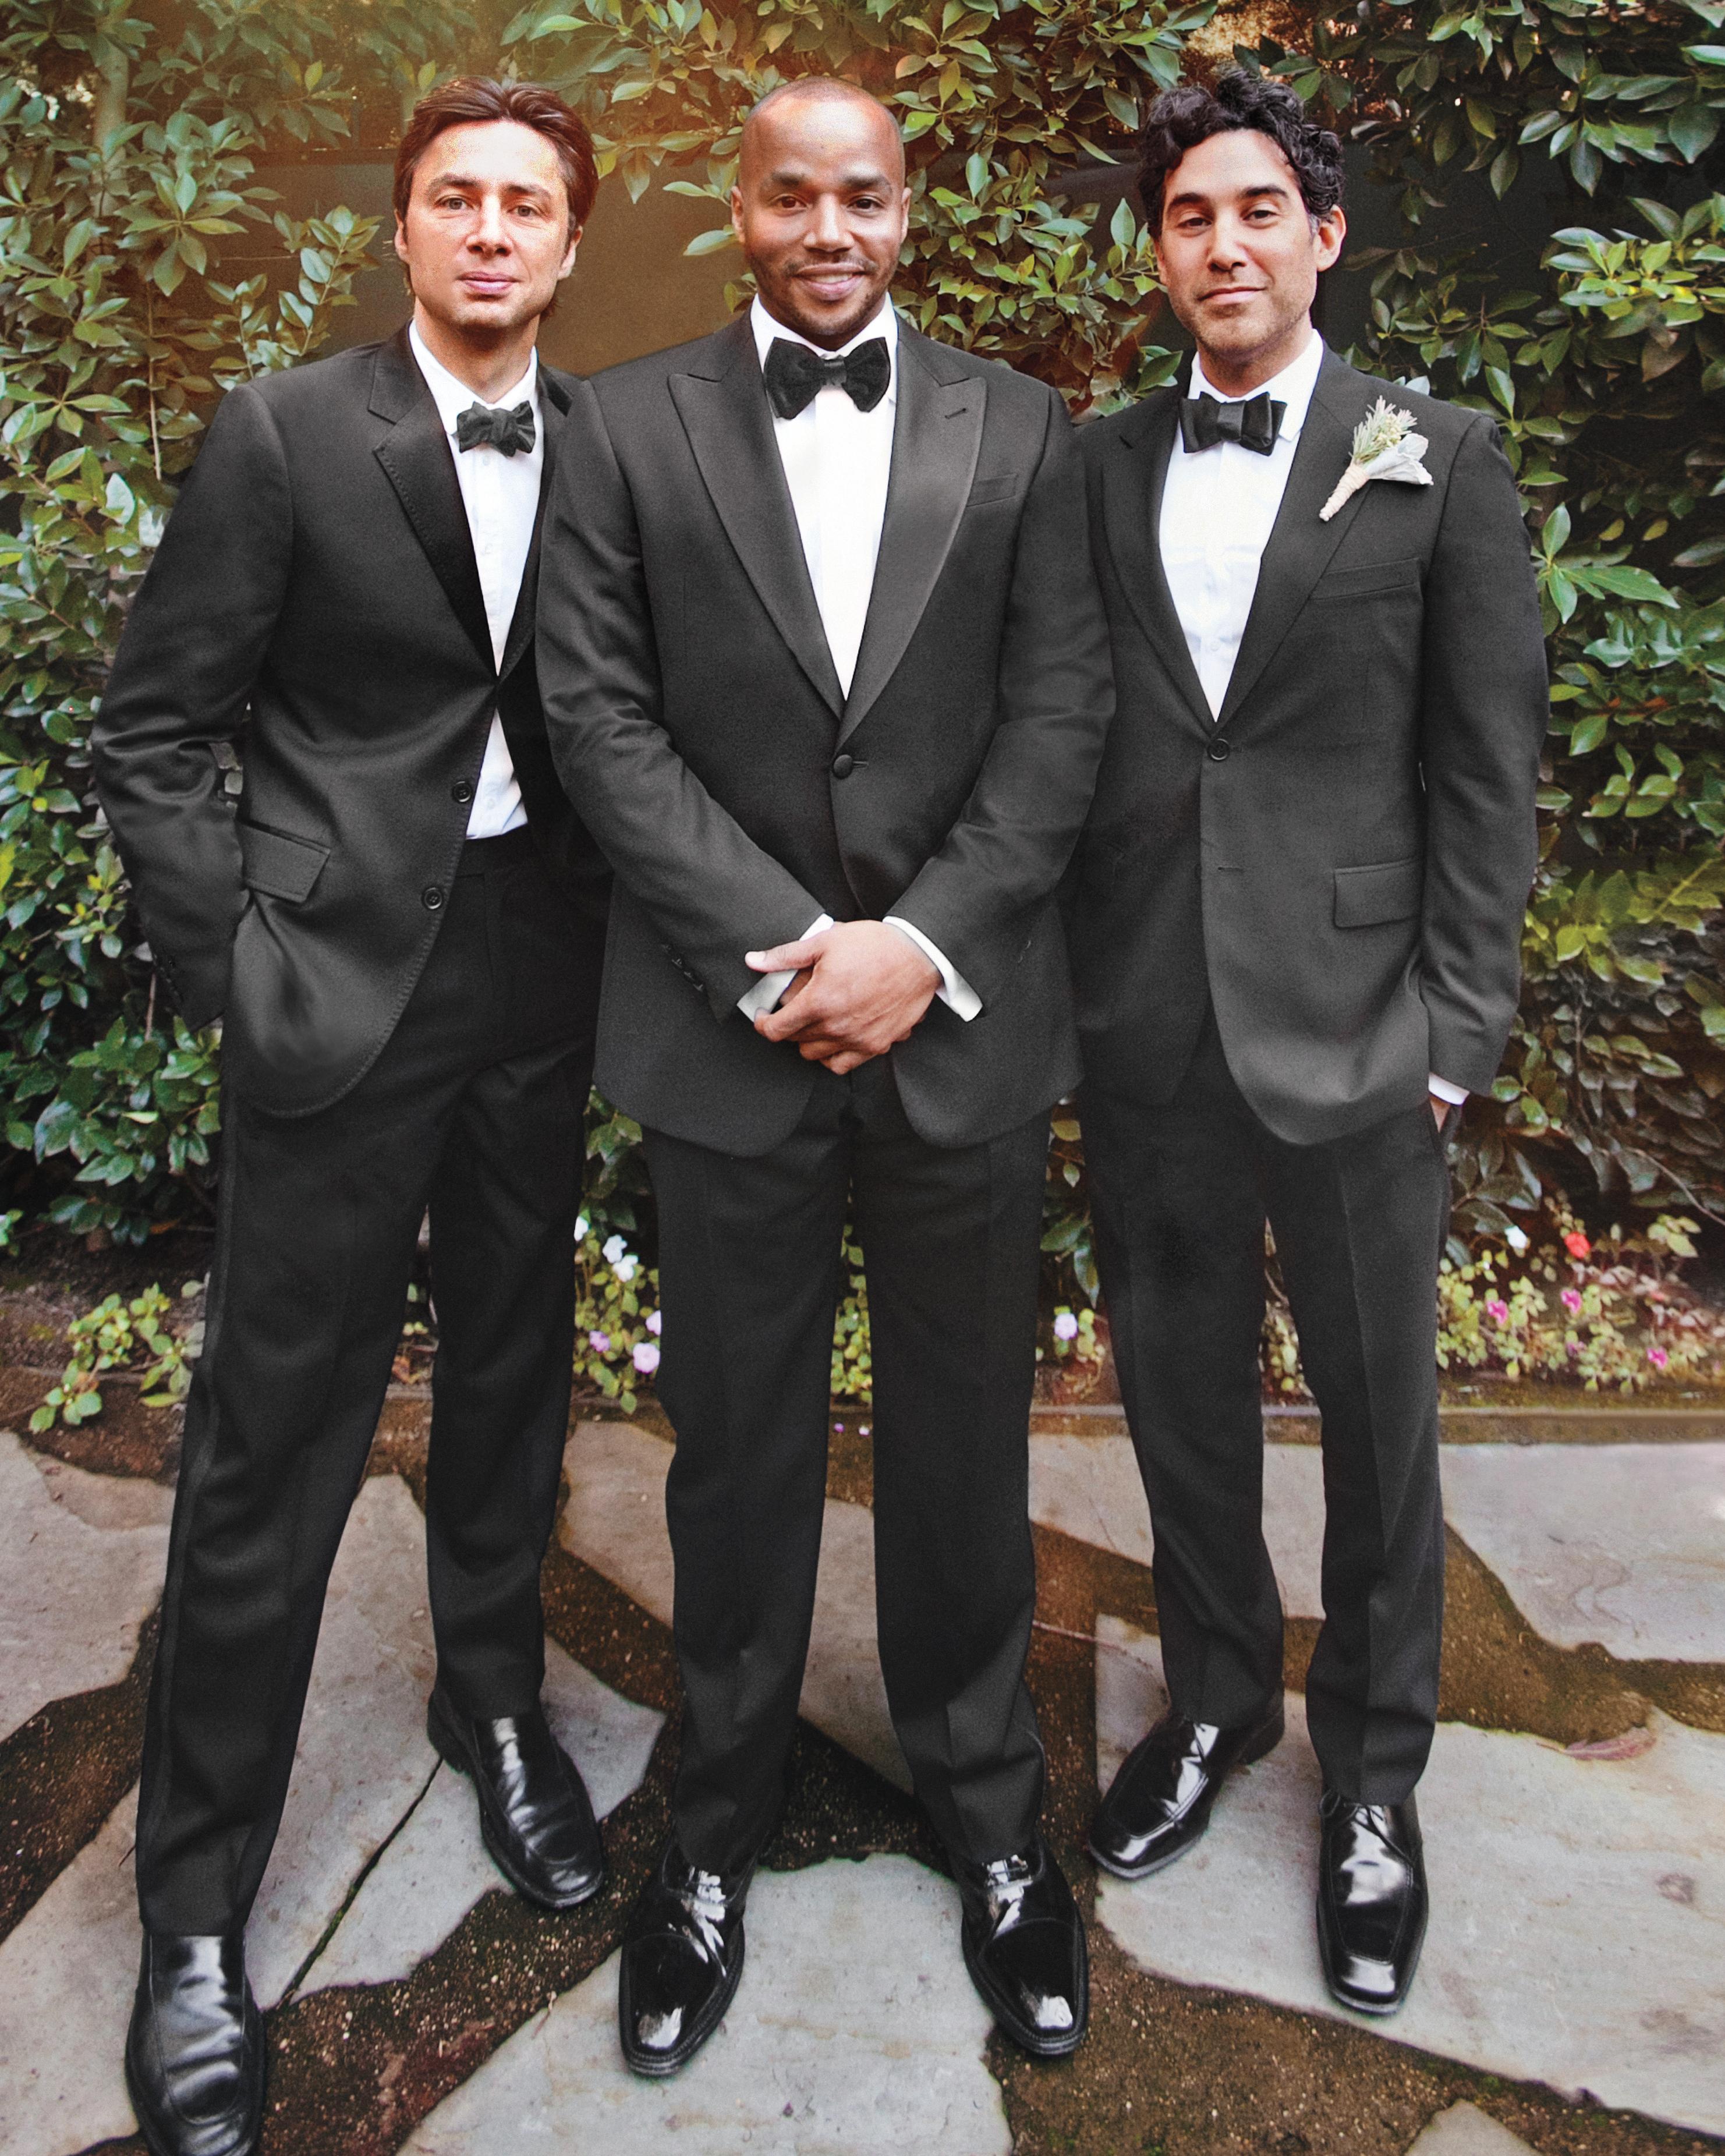 cacee-donald-groomsmen-mwds110101.jpg